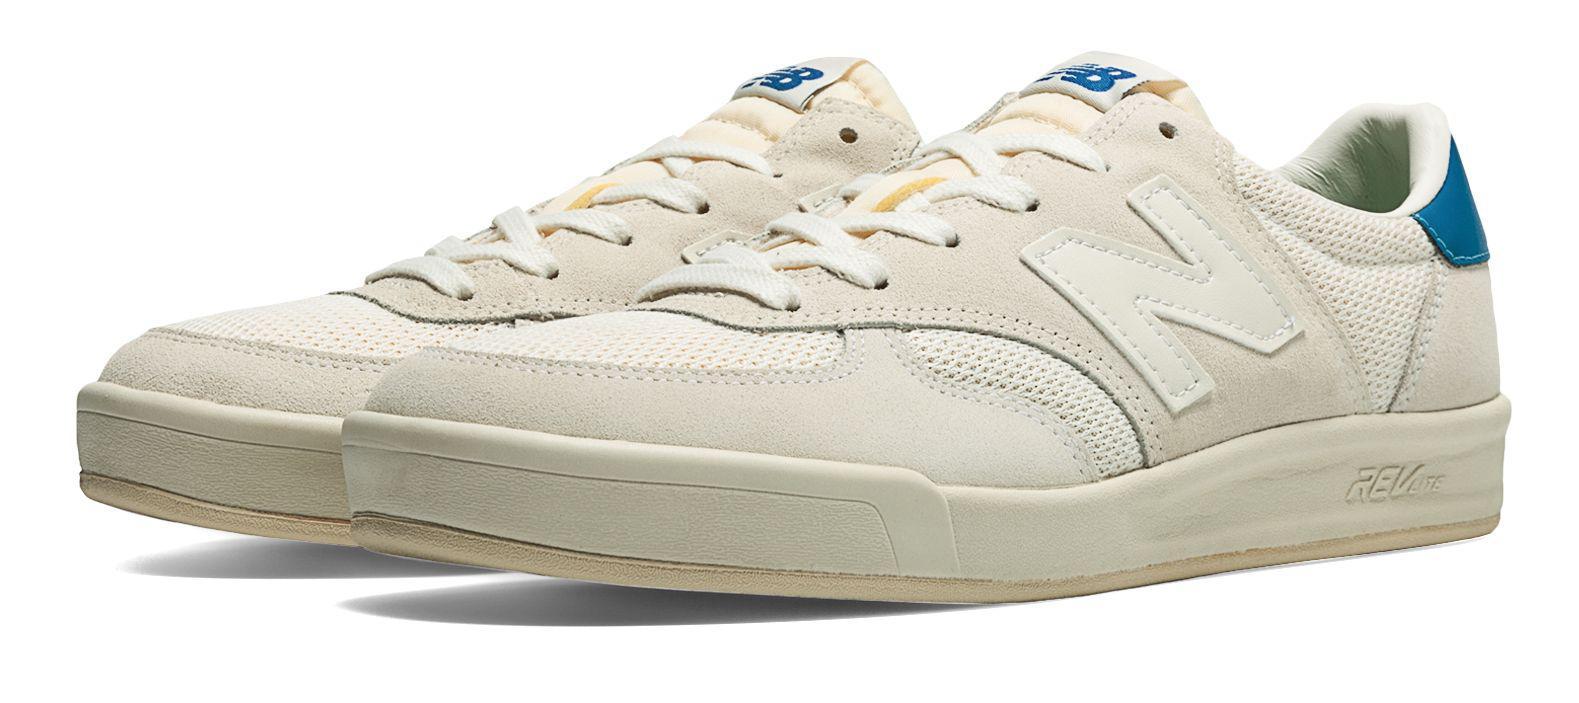 300 Mesh En Daim Cru - Chaussures - Bas-tops Et Chaussures De Sport New Balance snmCHgMKzT